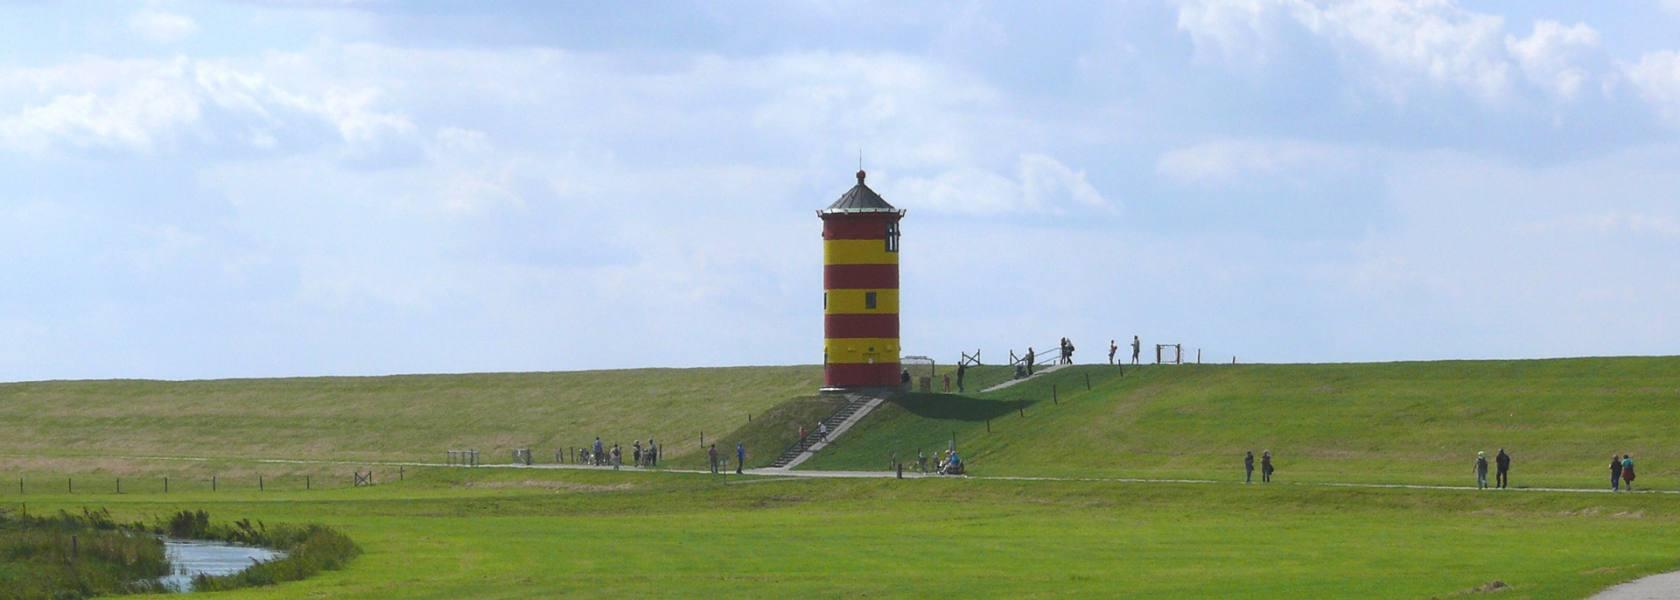 Blick auf Pilsumer Leuchtturm, © Die Nordsee GmbH